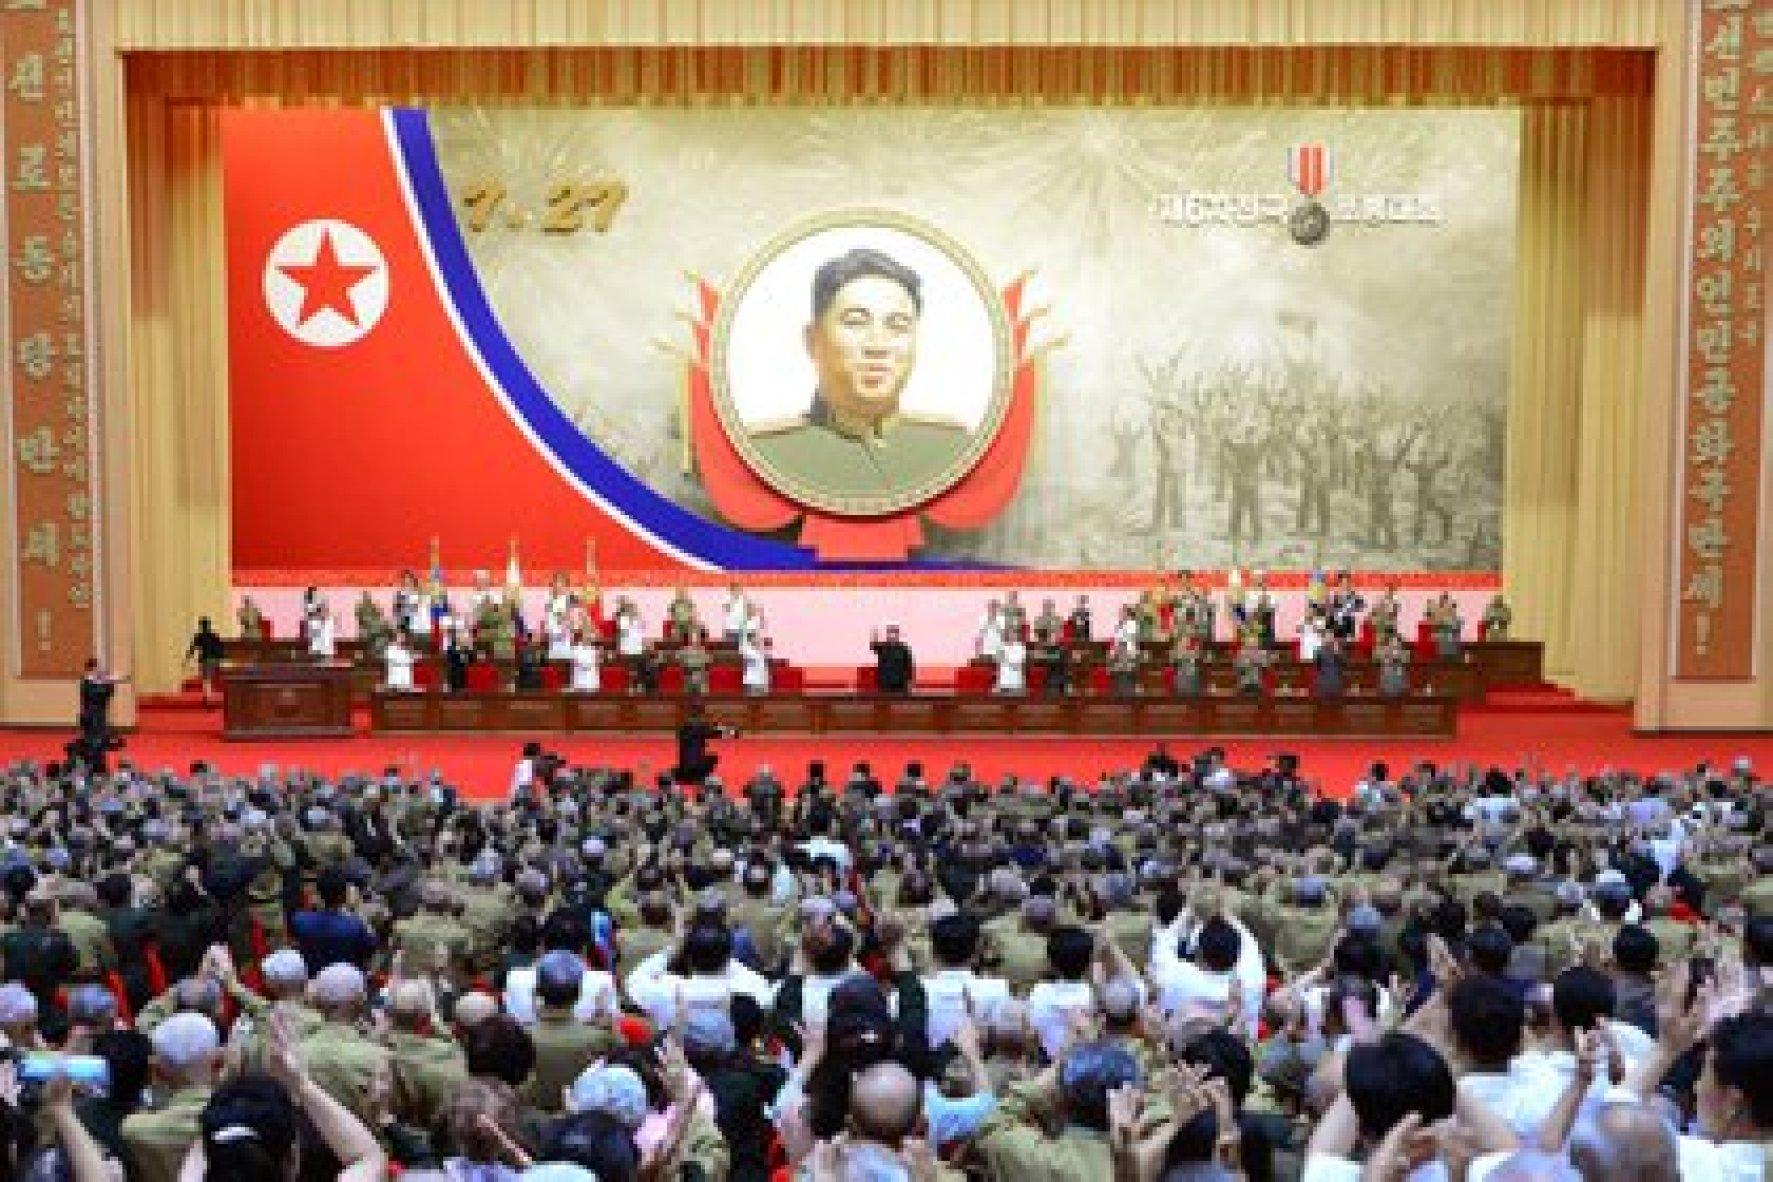 Kim Jong Un durante un discurso. POLITICA INTERNACIONAL -/KCNA/dpa